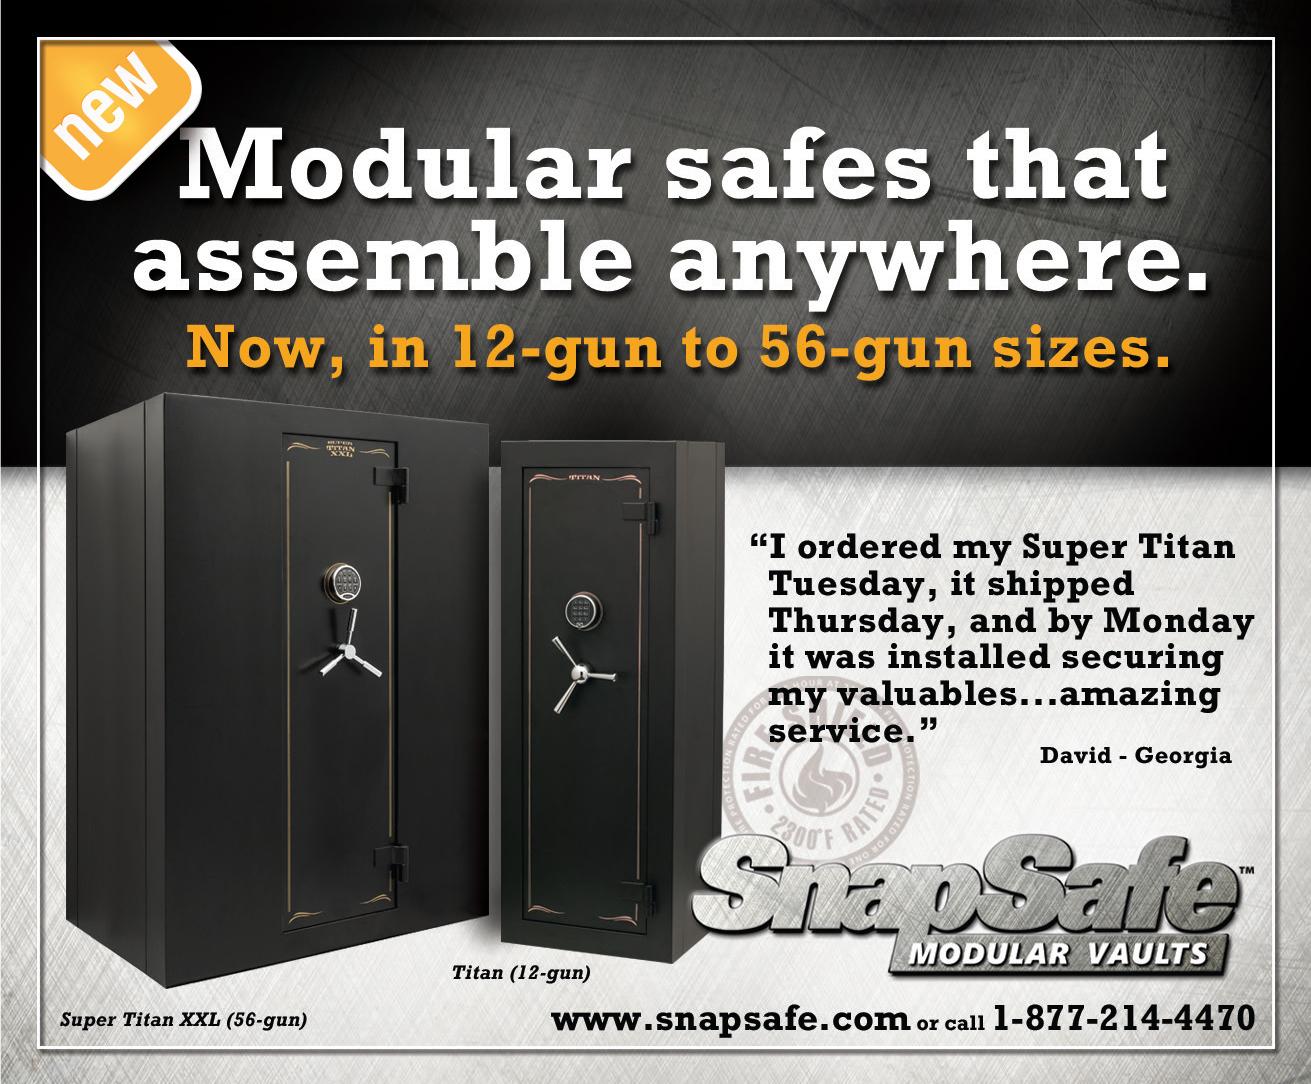 SnapSafe Modular Vaults